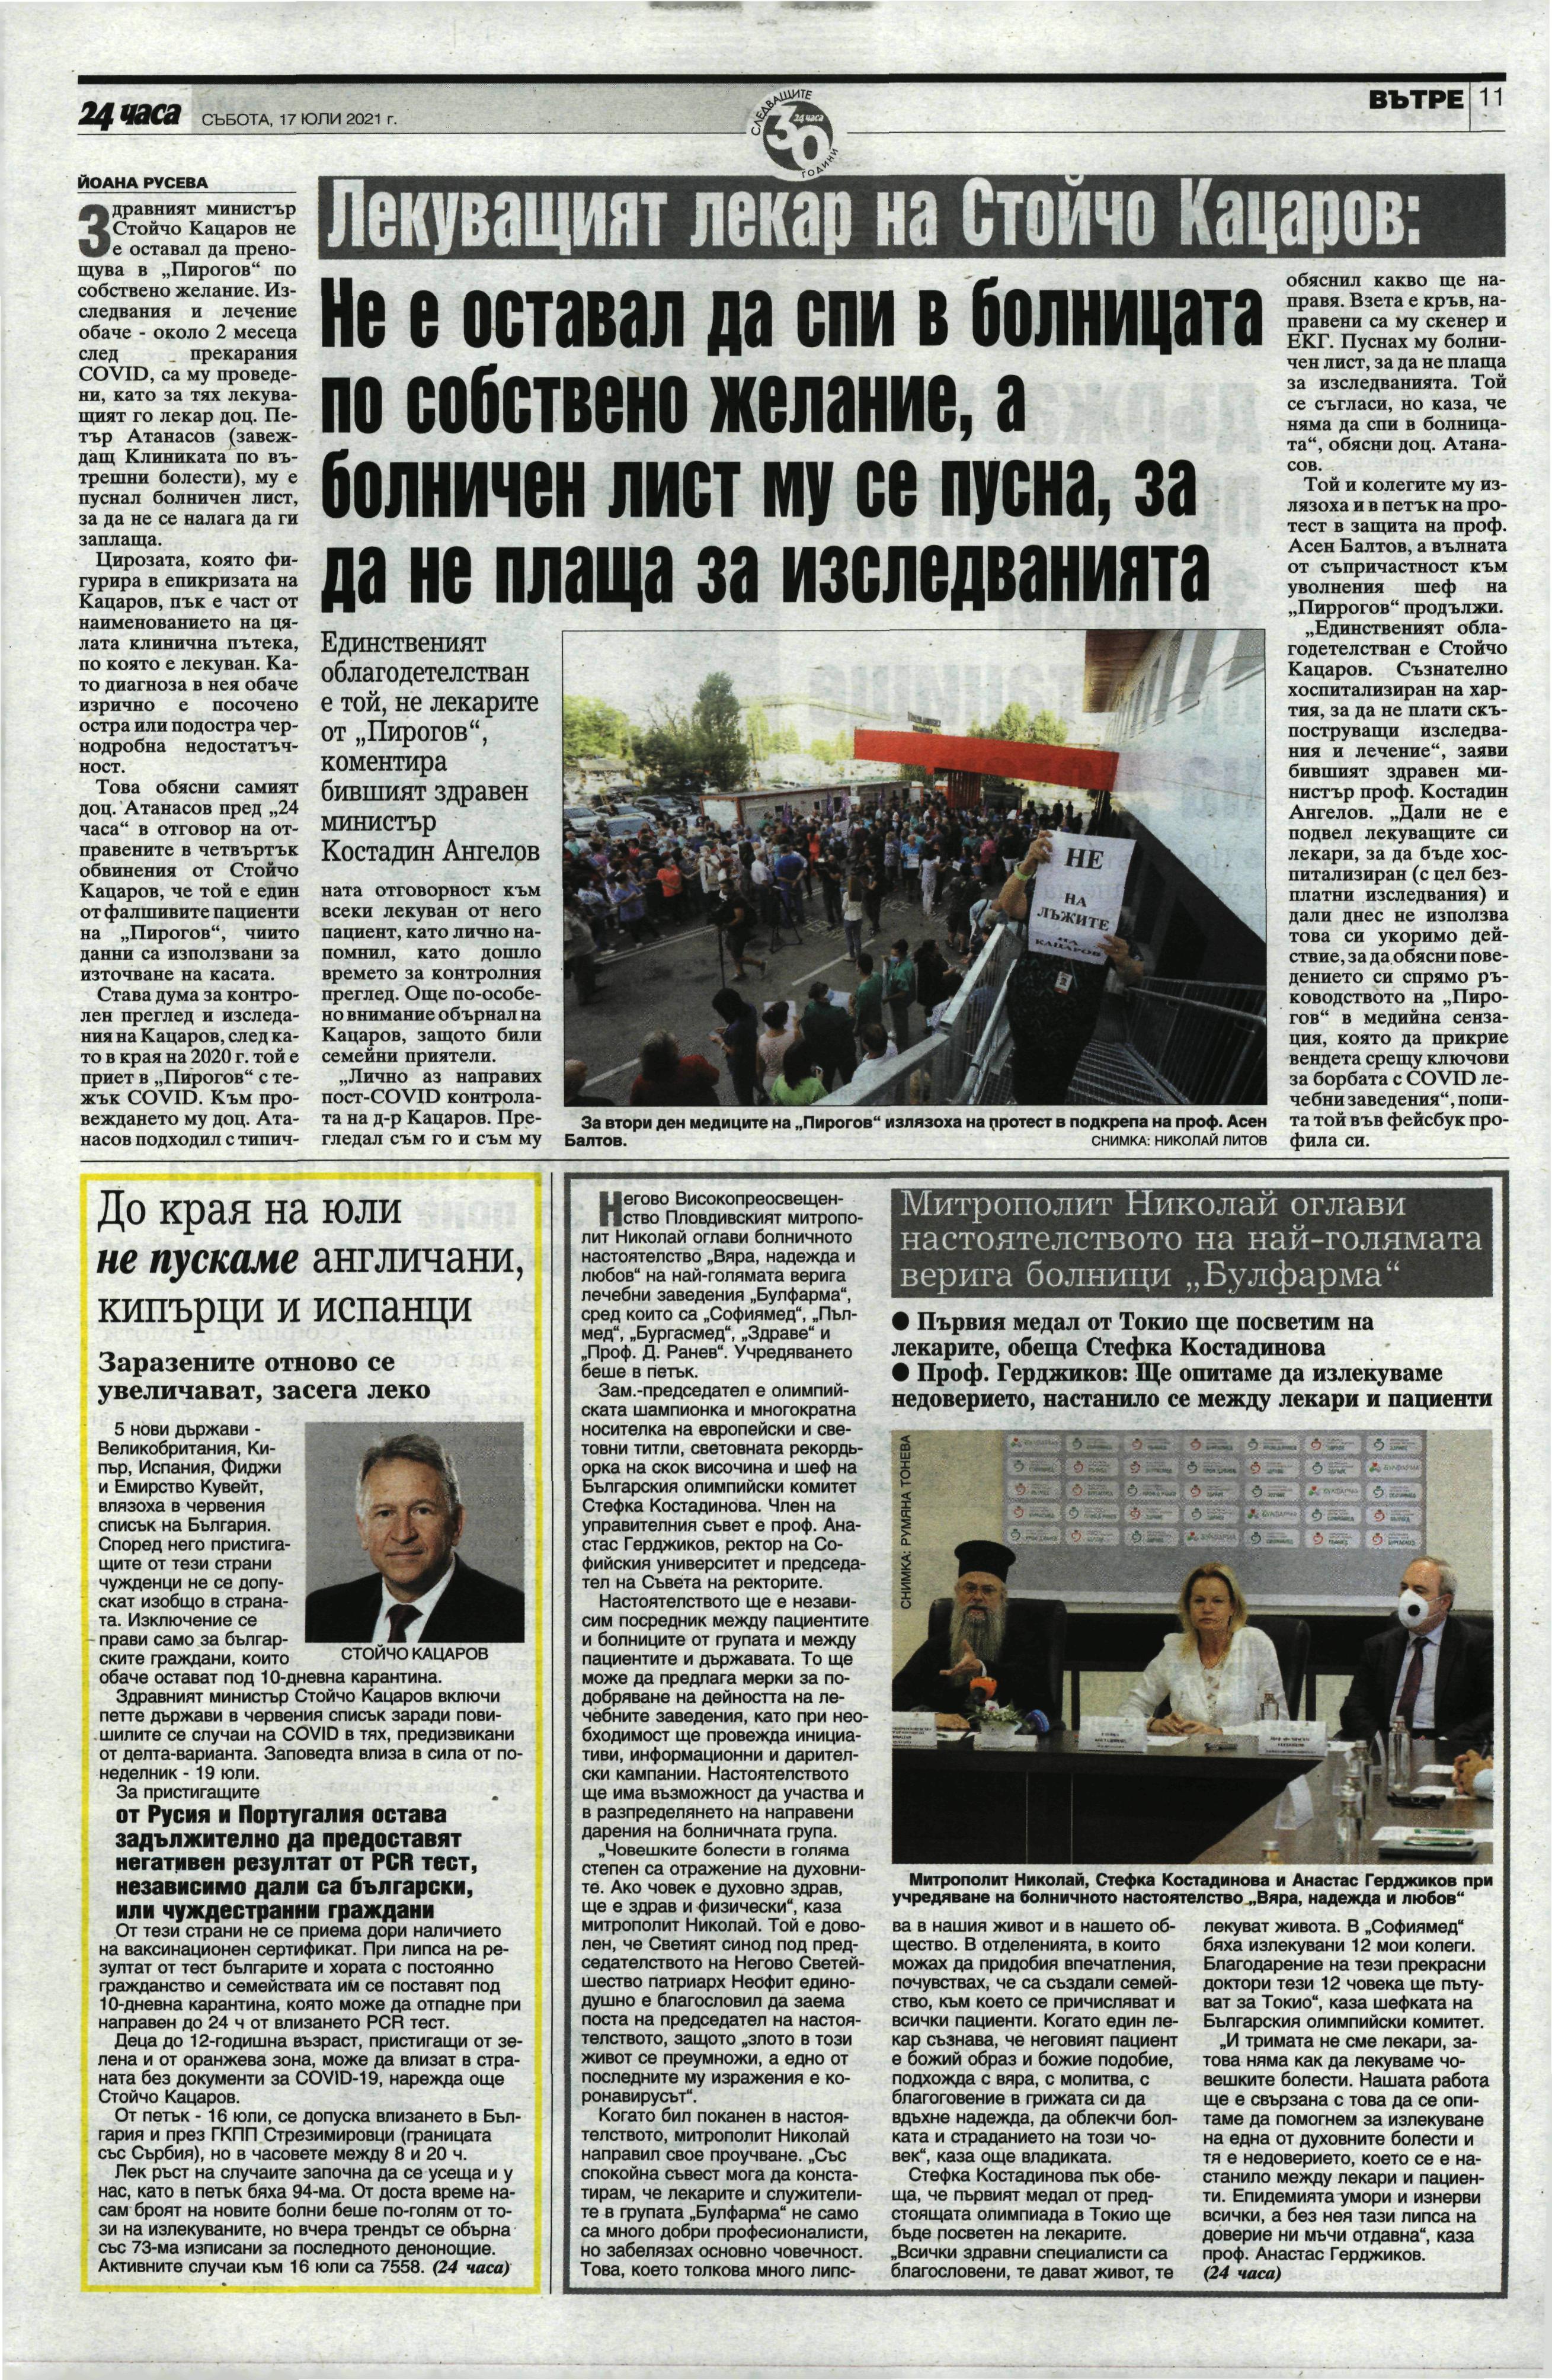 Митрополит Николай оглави настоятелството на най-голямата верига болници